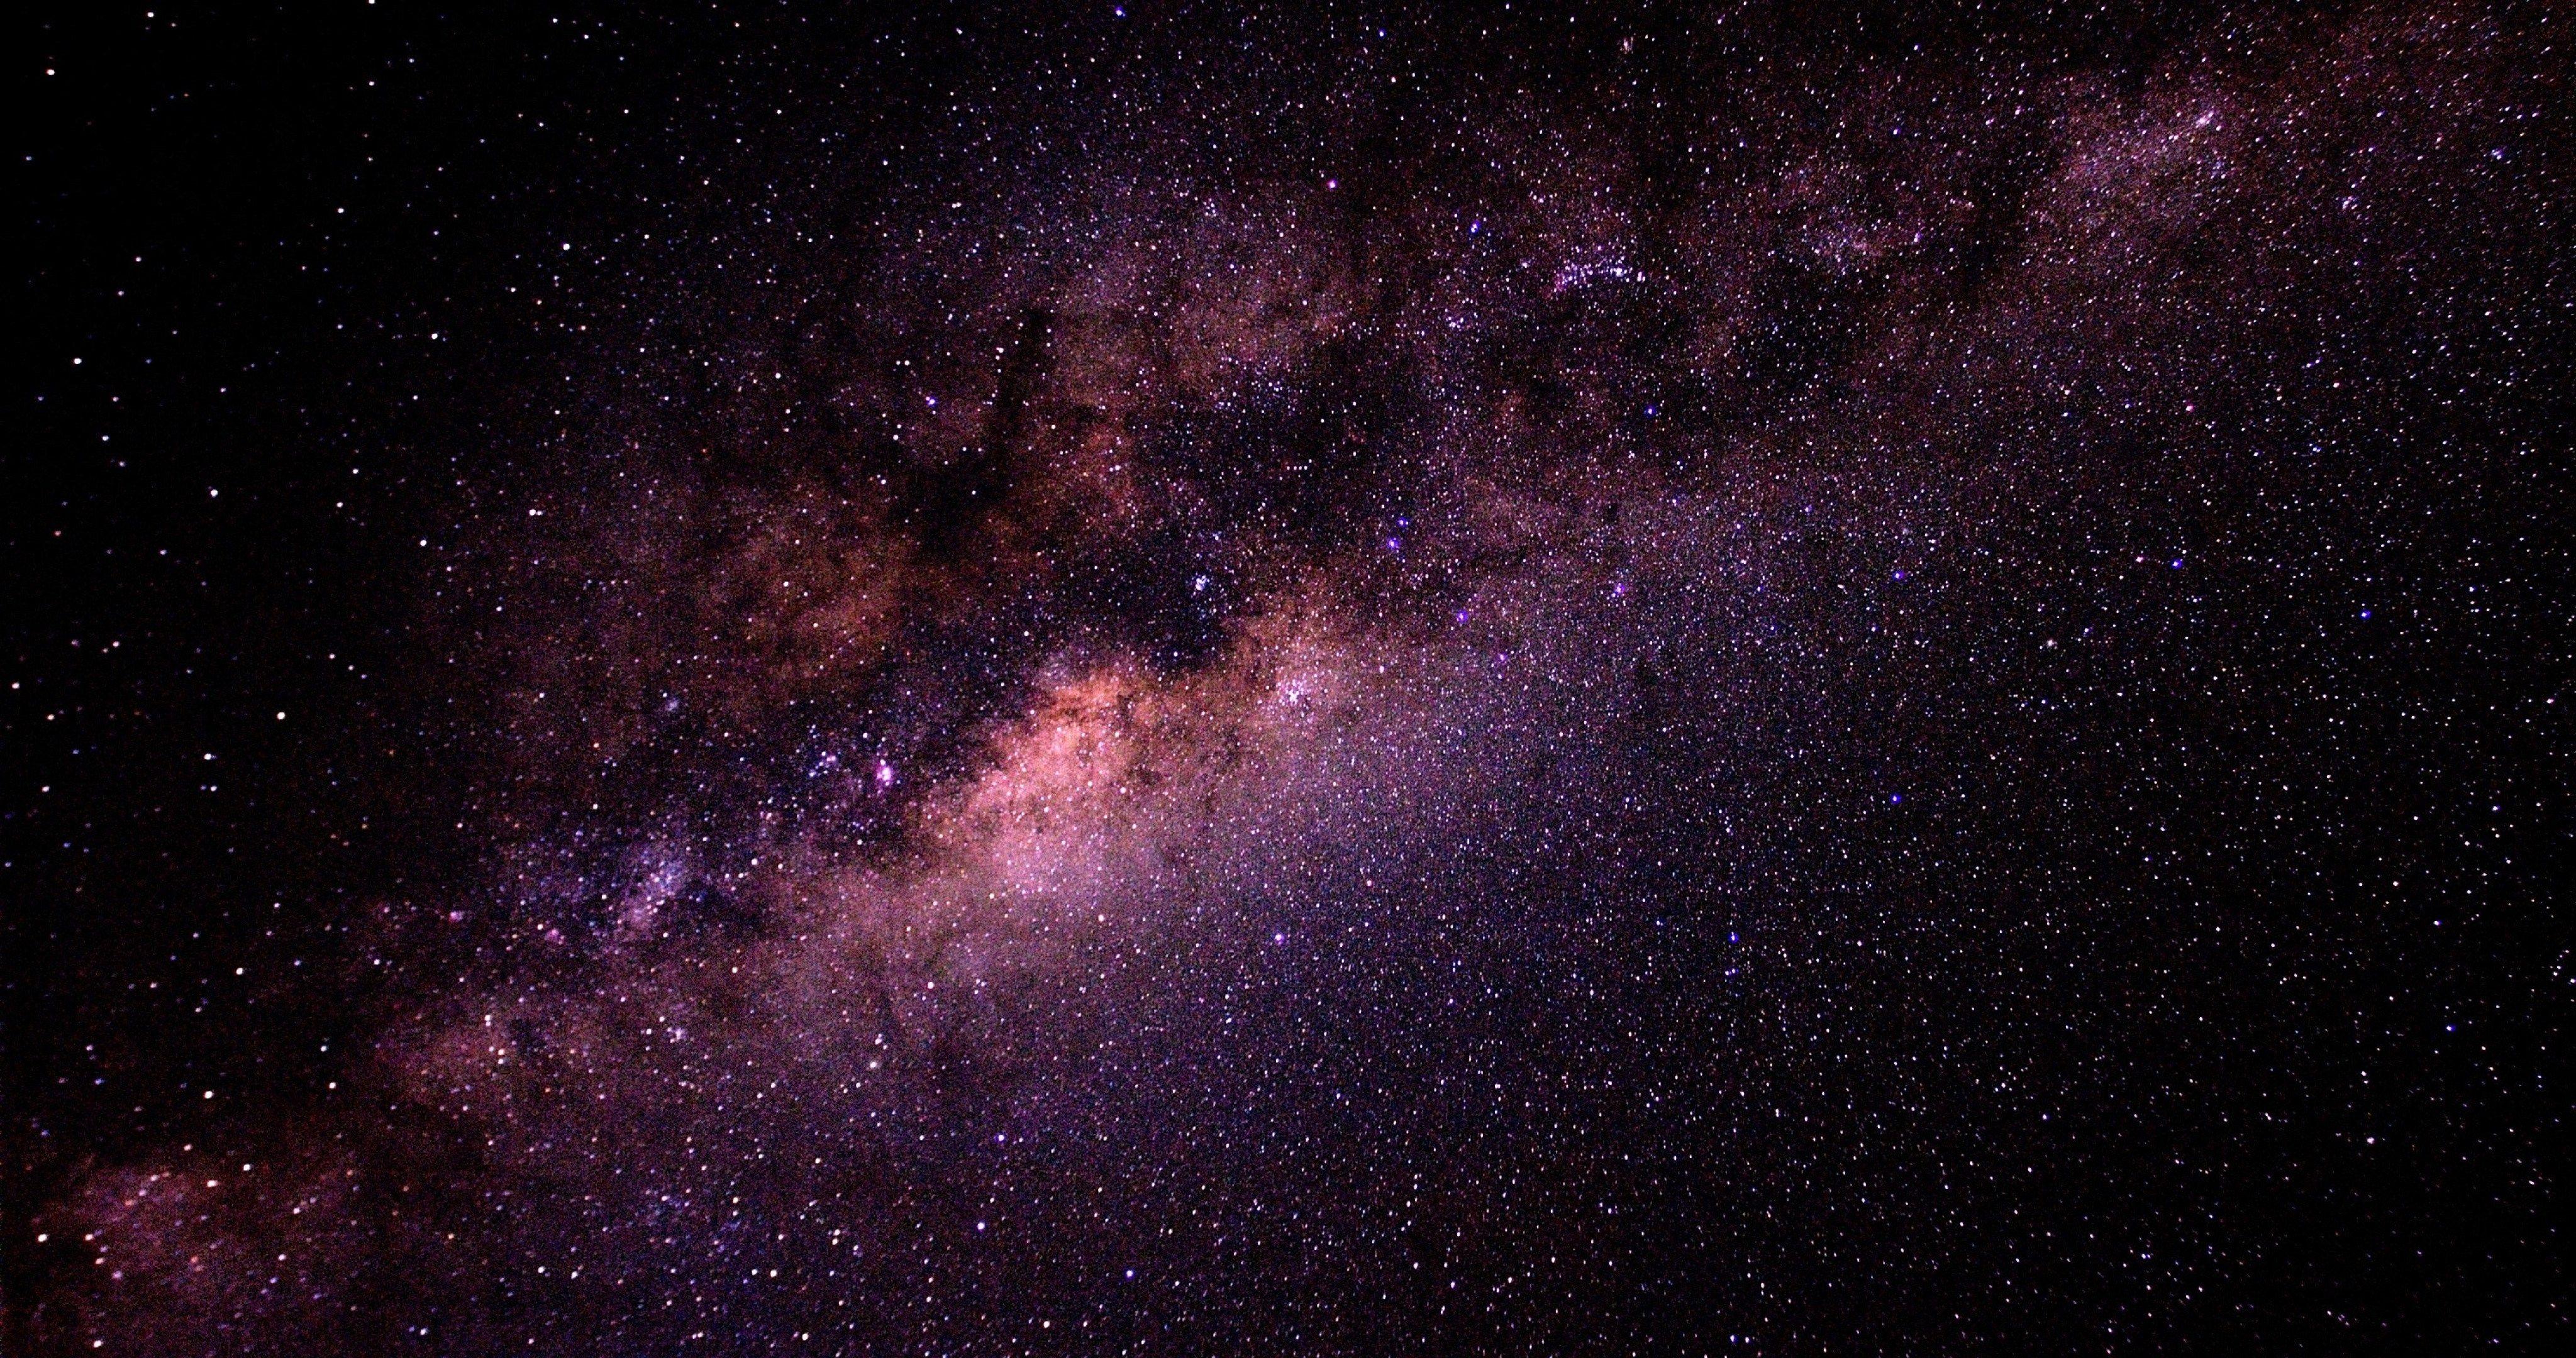 Purple Galaxy 4k Ultra Hd Wallpaper Galaxy Hd Galaxy Phone Wallpaper Galaxy Wallpaper